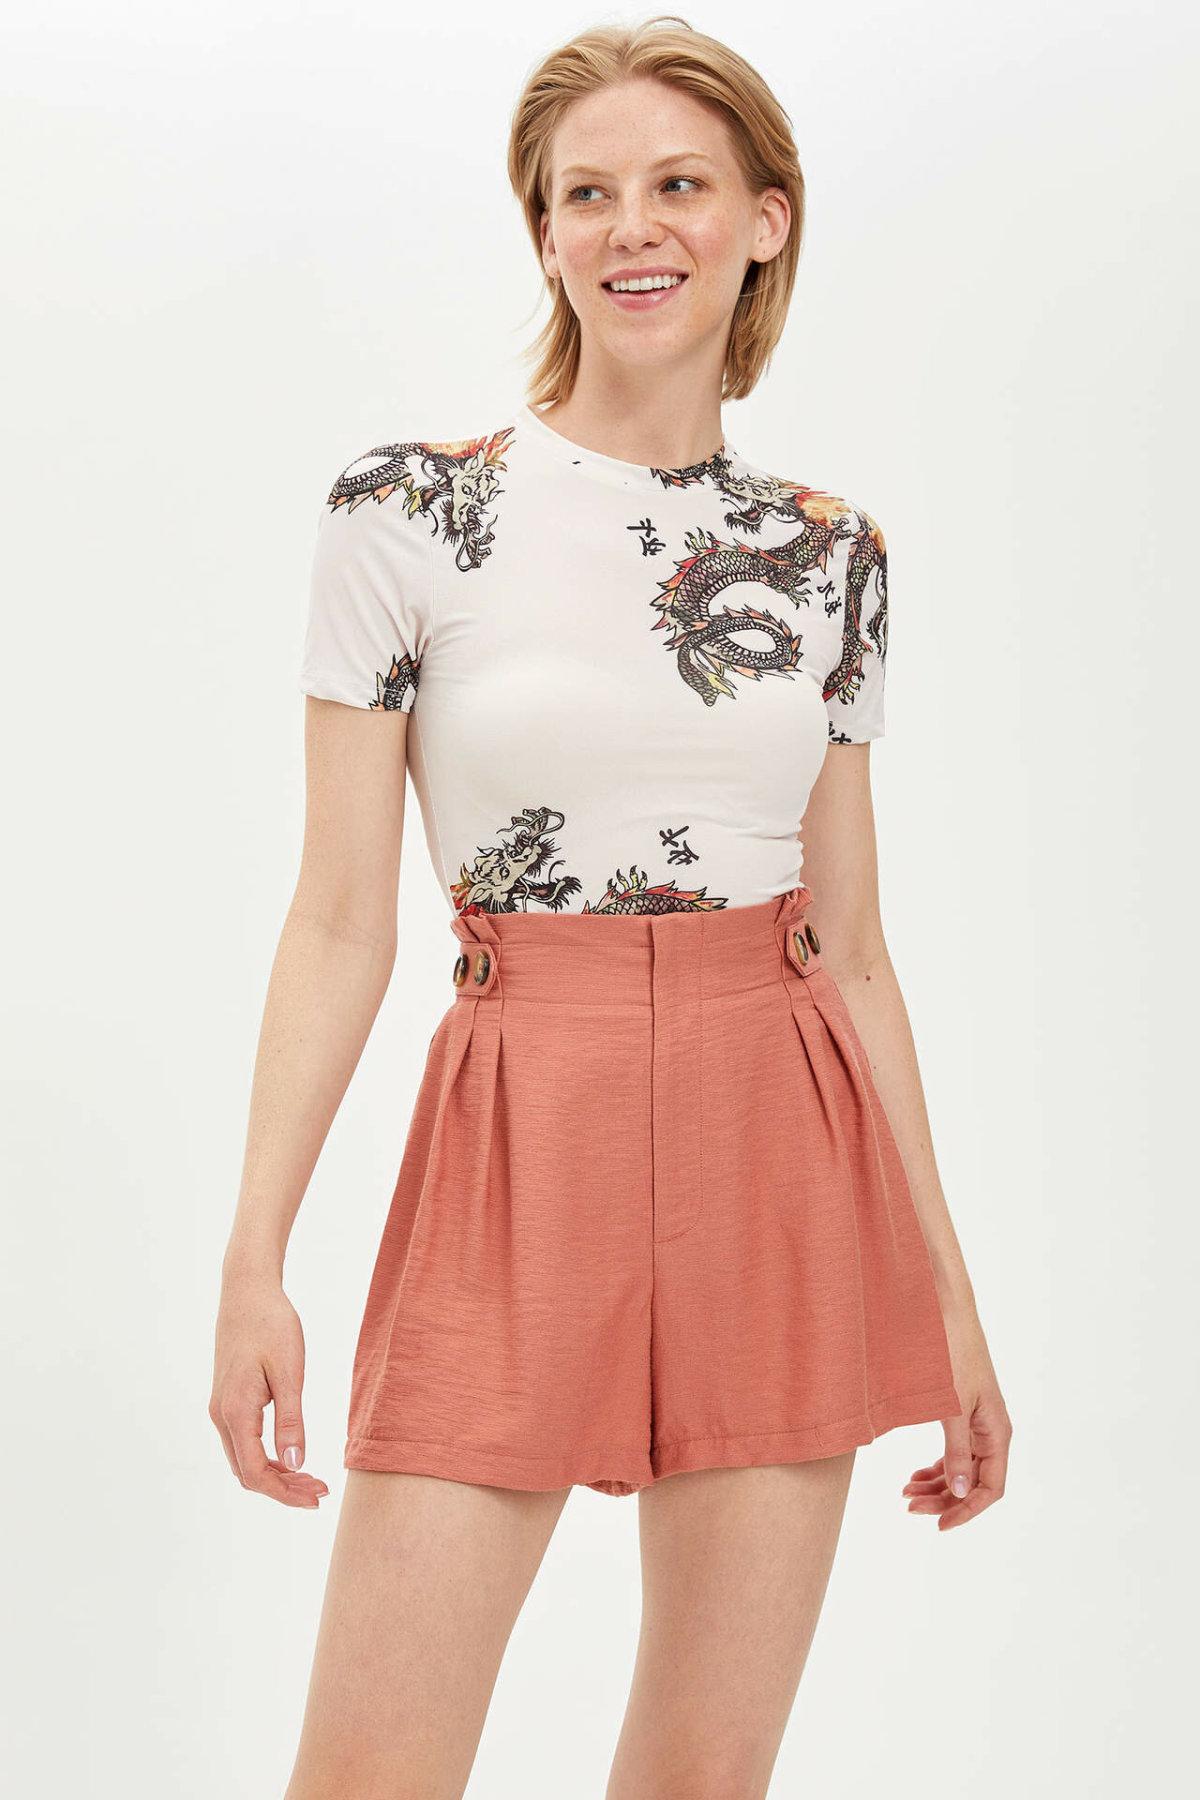 DeFacto Summer Women Solid Loose High Waist Short Pants Female Cotton Casual Simple Short Simple Bottoms New- L9750AZ19HS